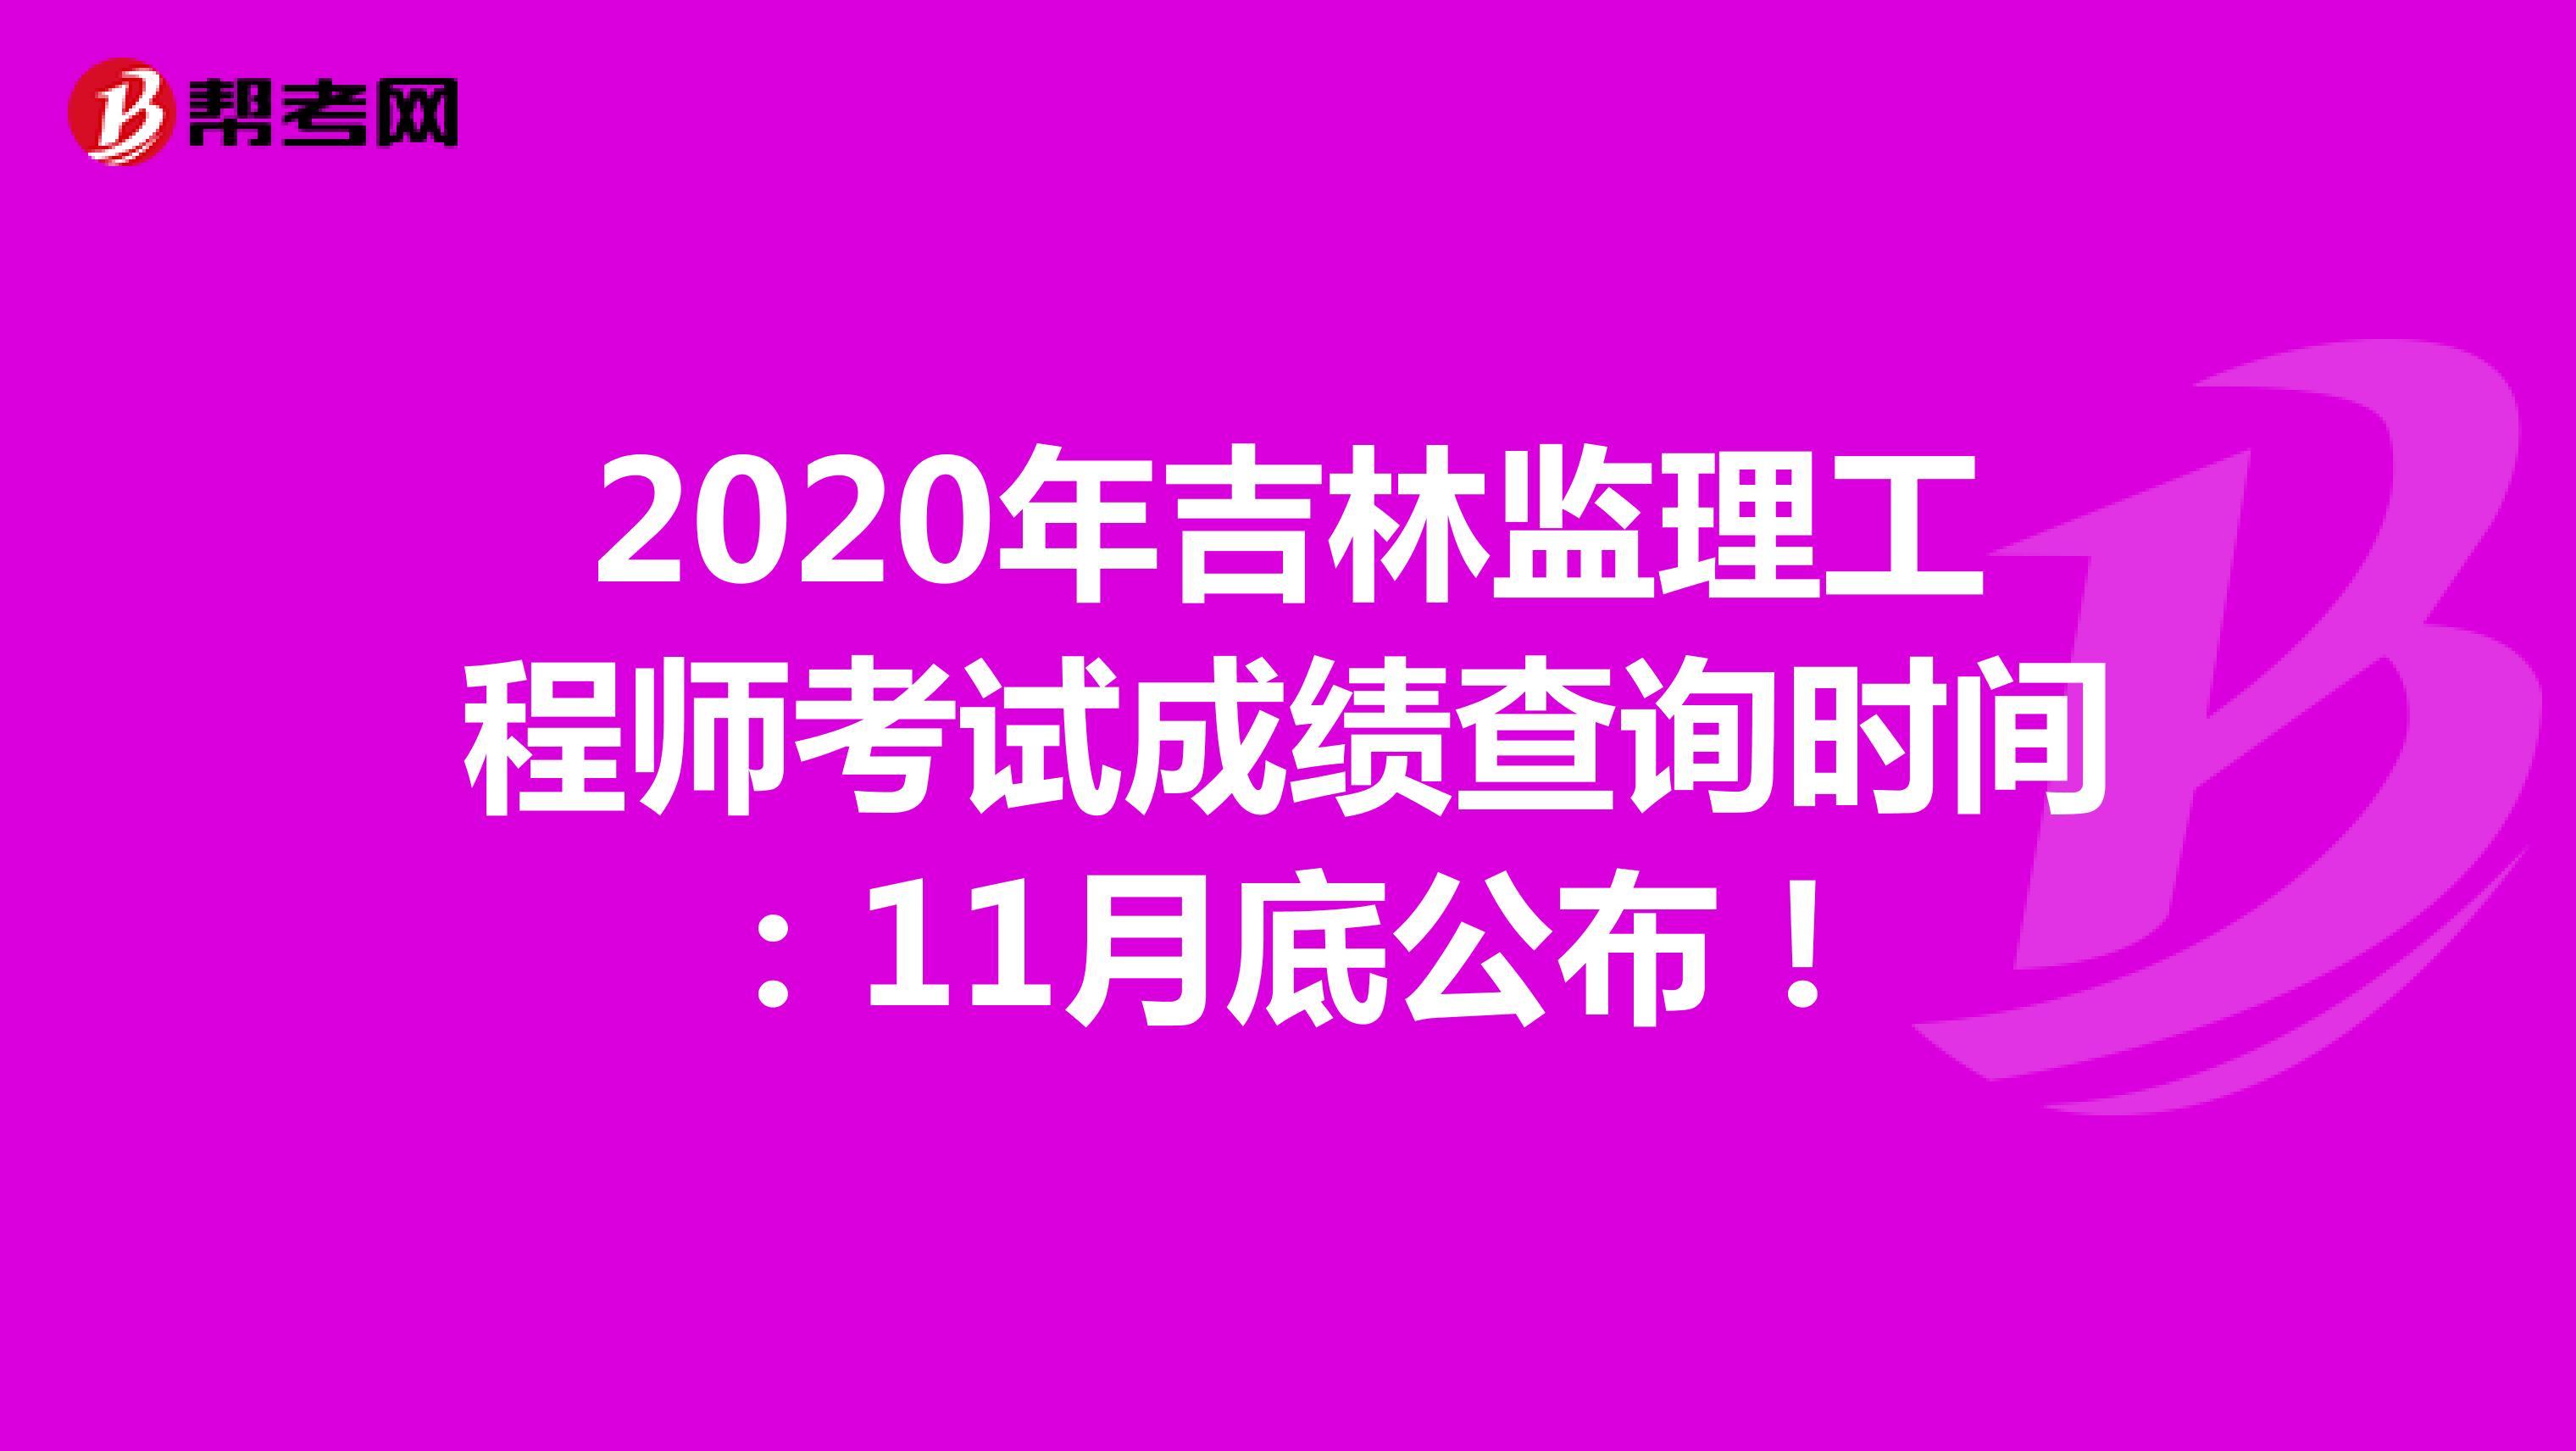 2020年吉林监理工程师考试成绩查询时间:11月底公布!